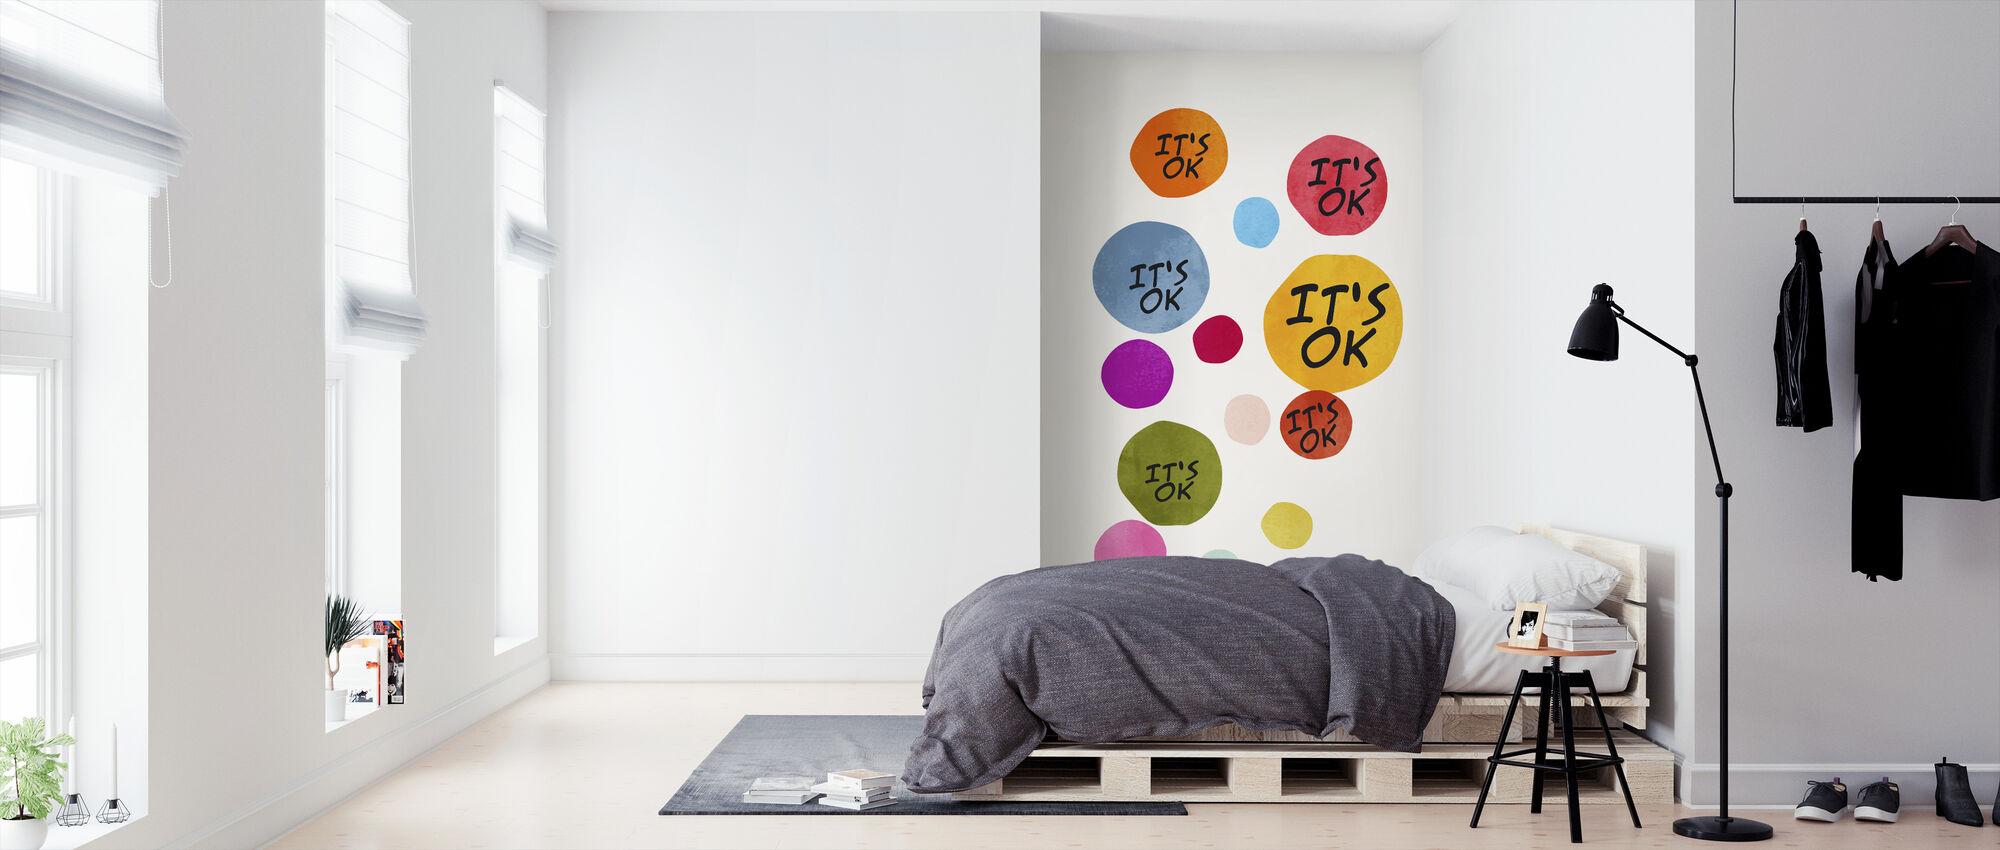 Het is ok - Behang - Slaapkamer